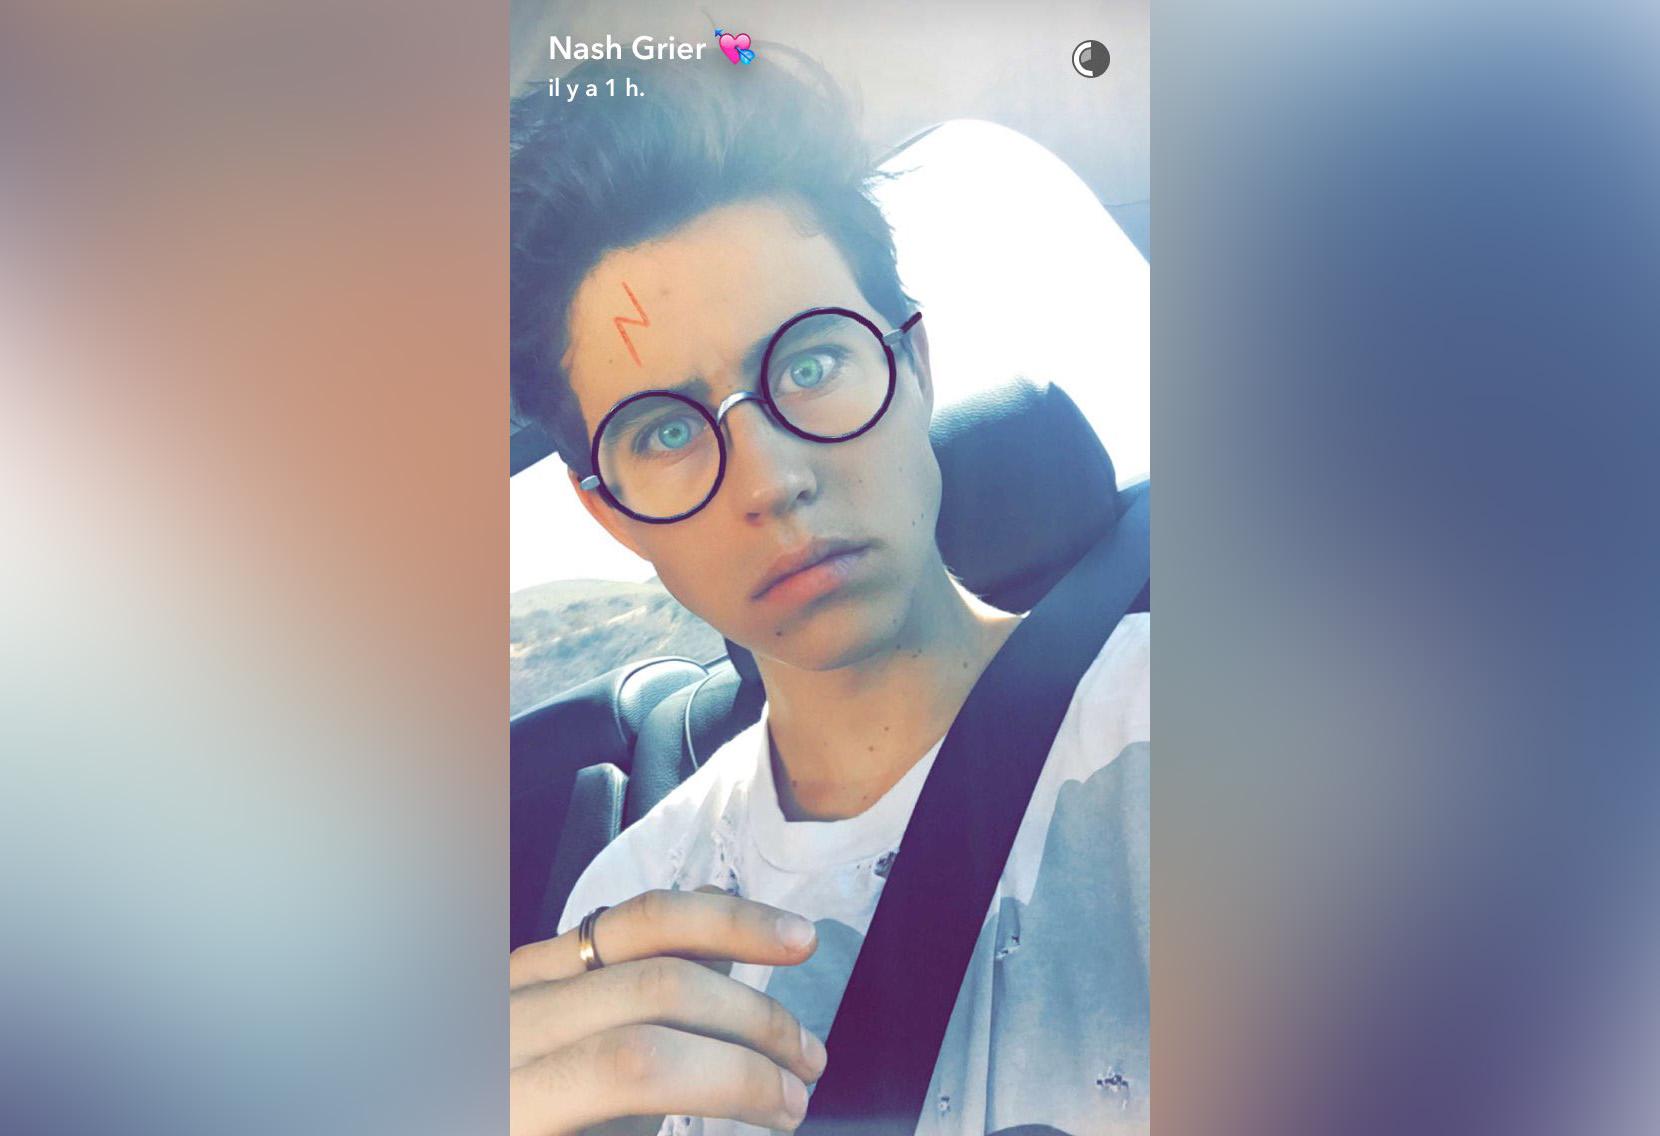 nash-grier-harry-potter-snapchat